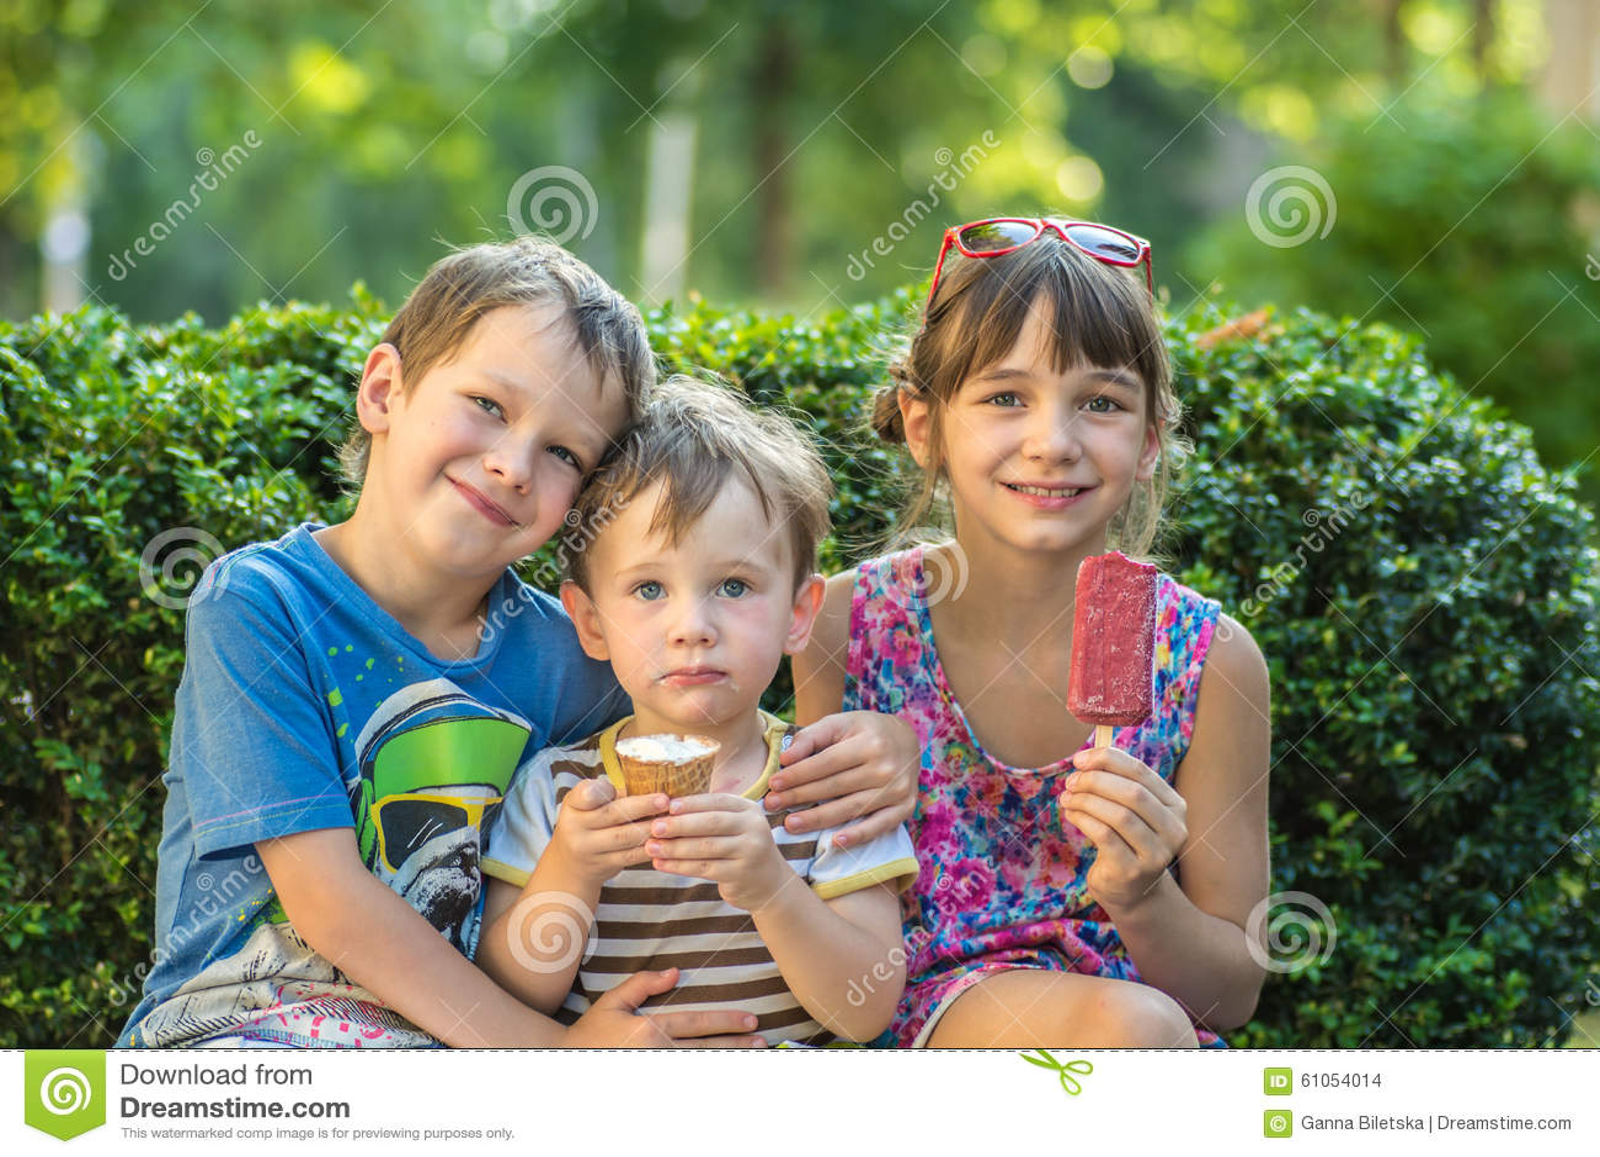 Старший брат и младшая сестра одни на даче, Родные сестра и брат реальная домашка 19 фотография